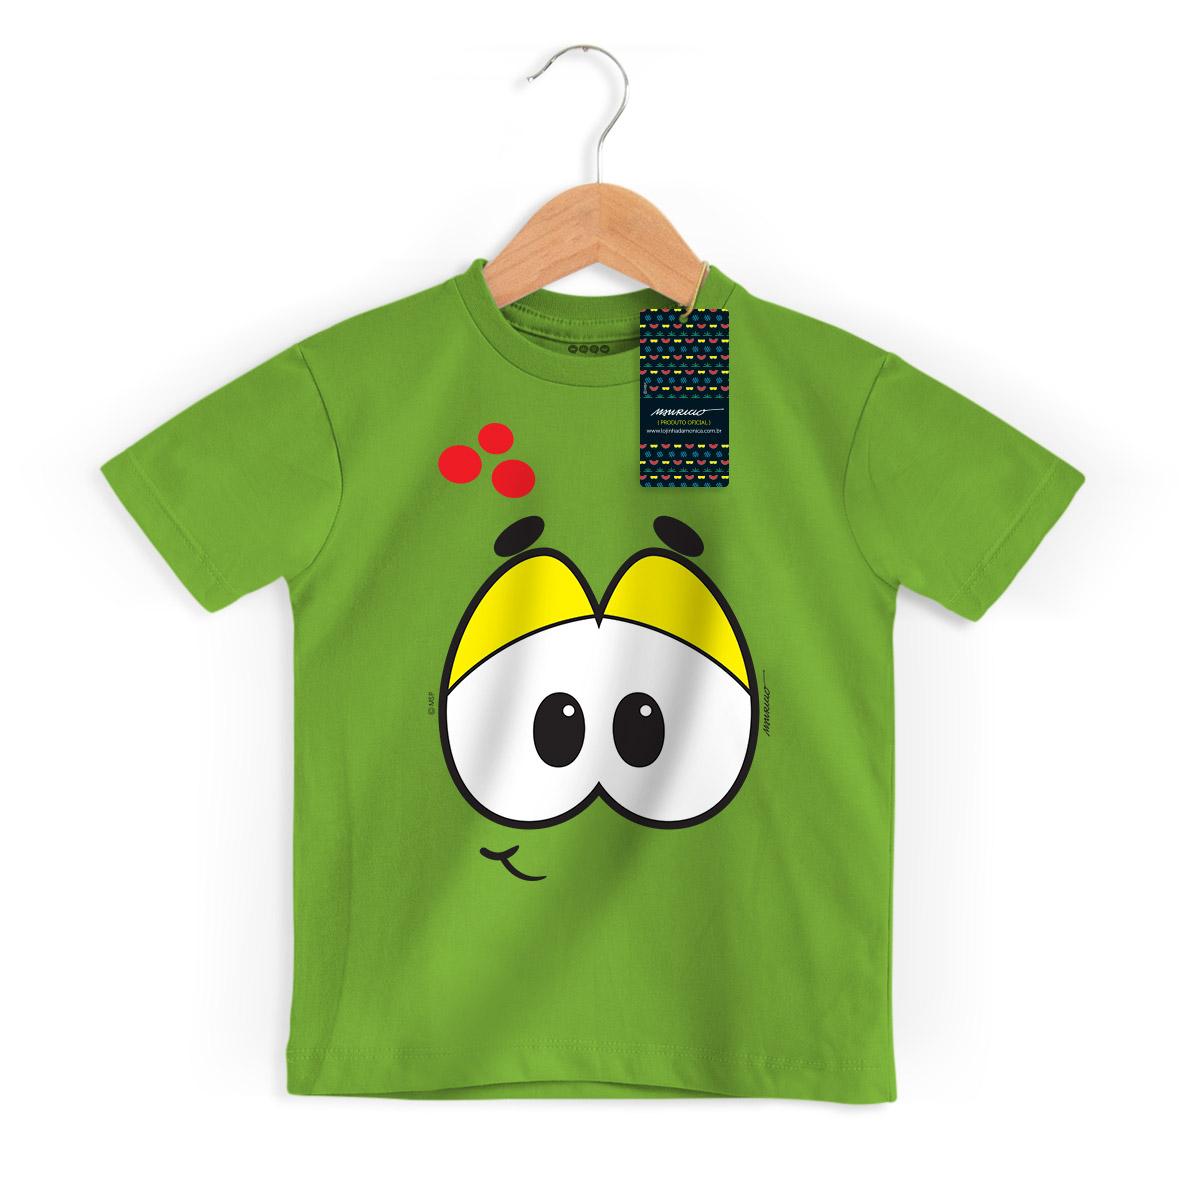 Camiseta Infantil Turma da M�nica Kids Olh�es Hor�cio